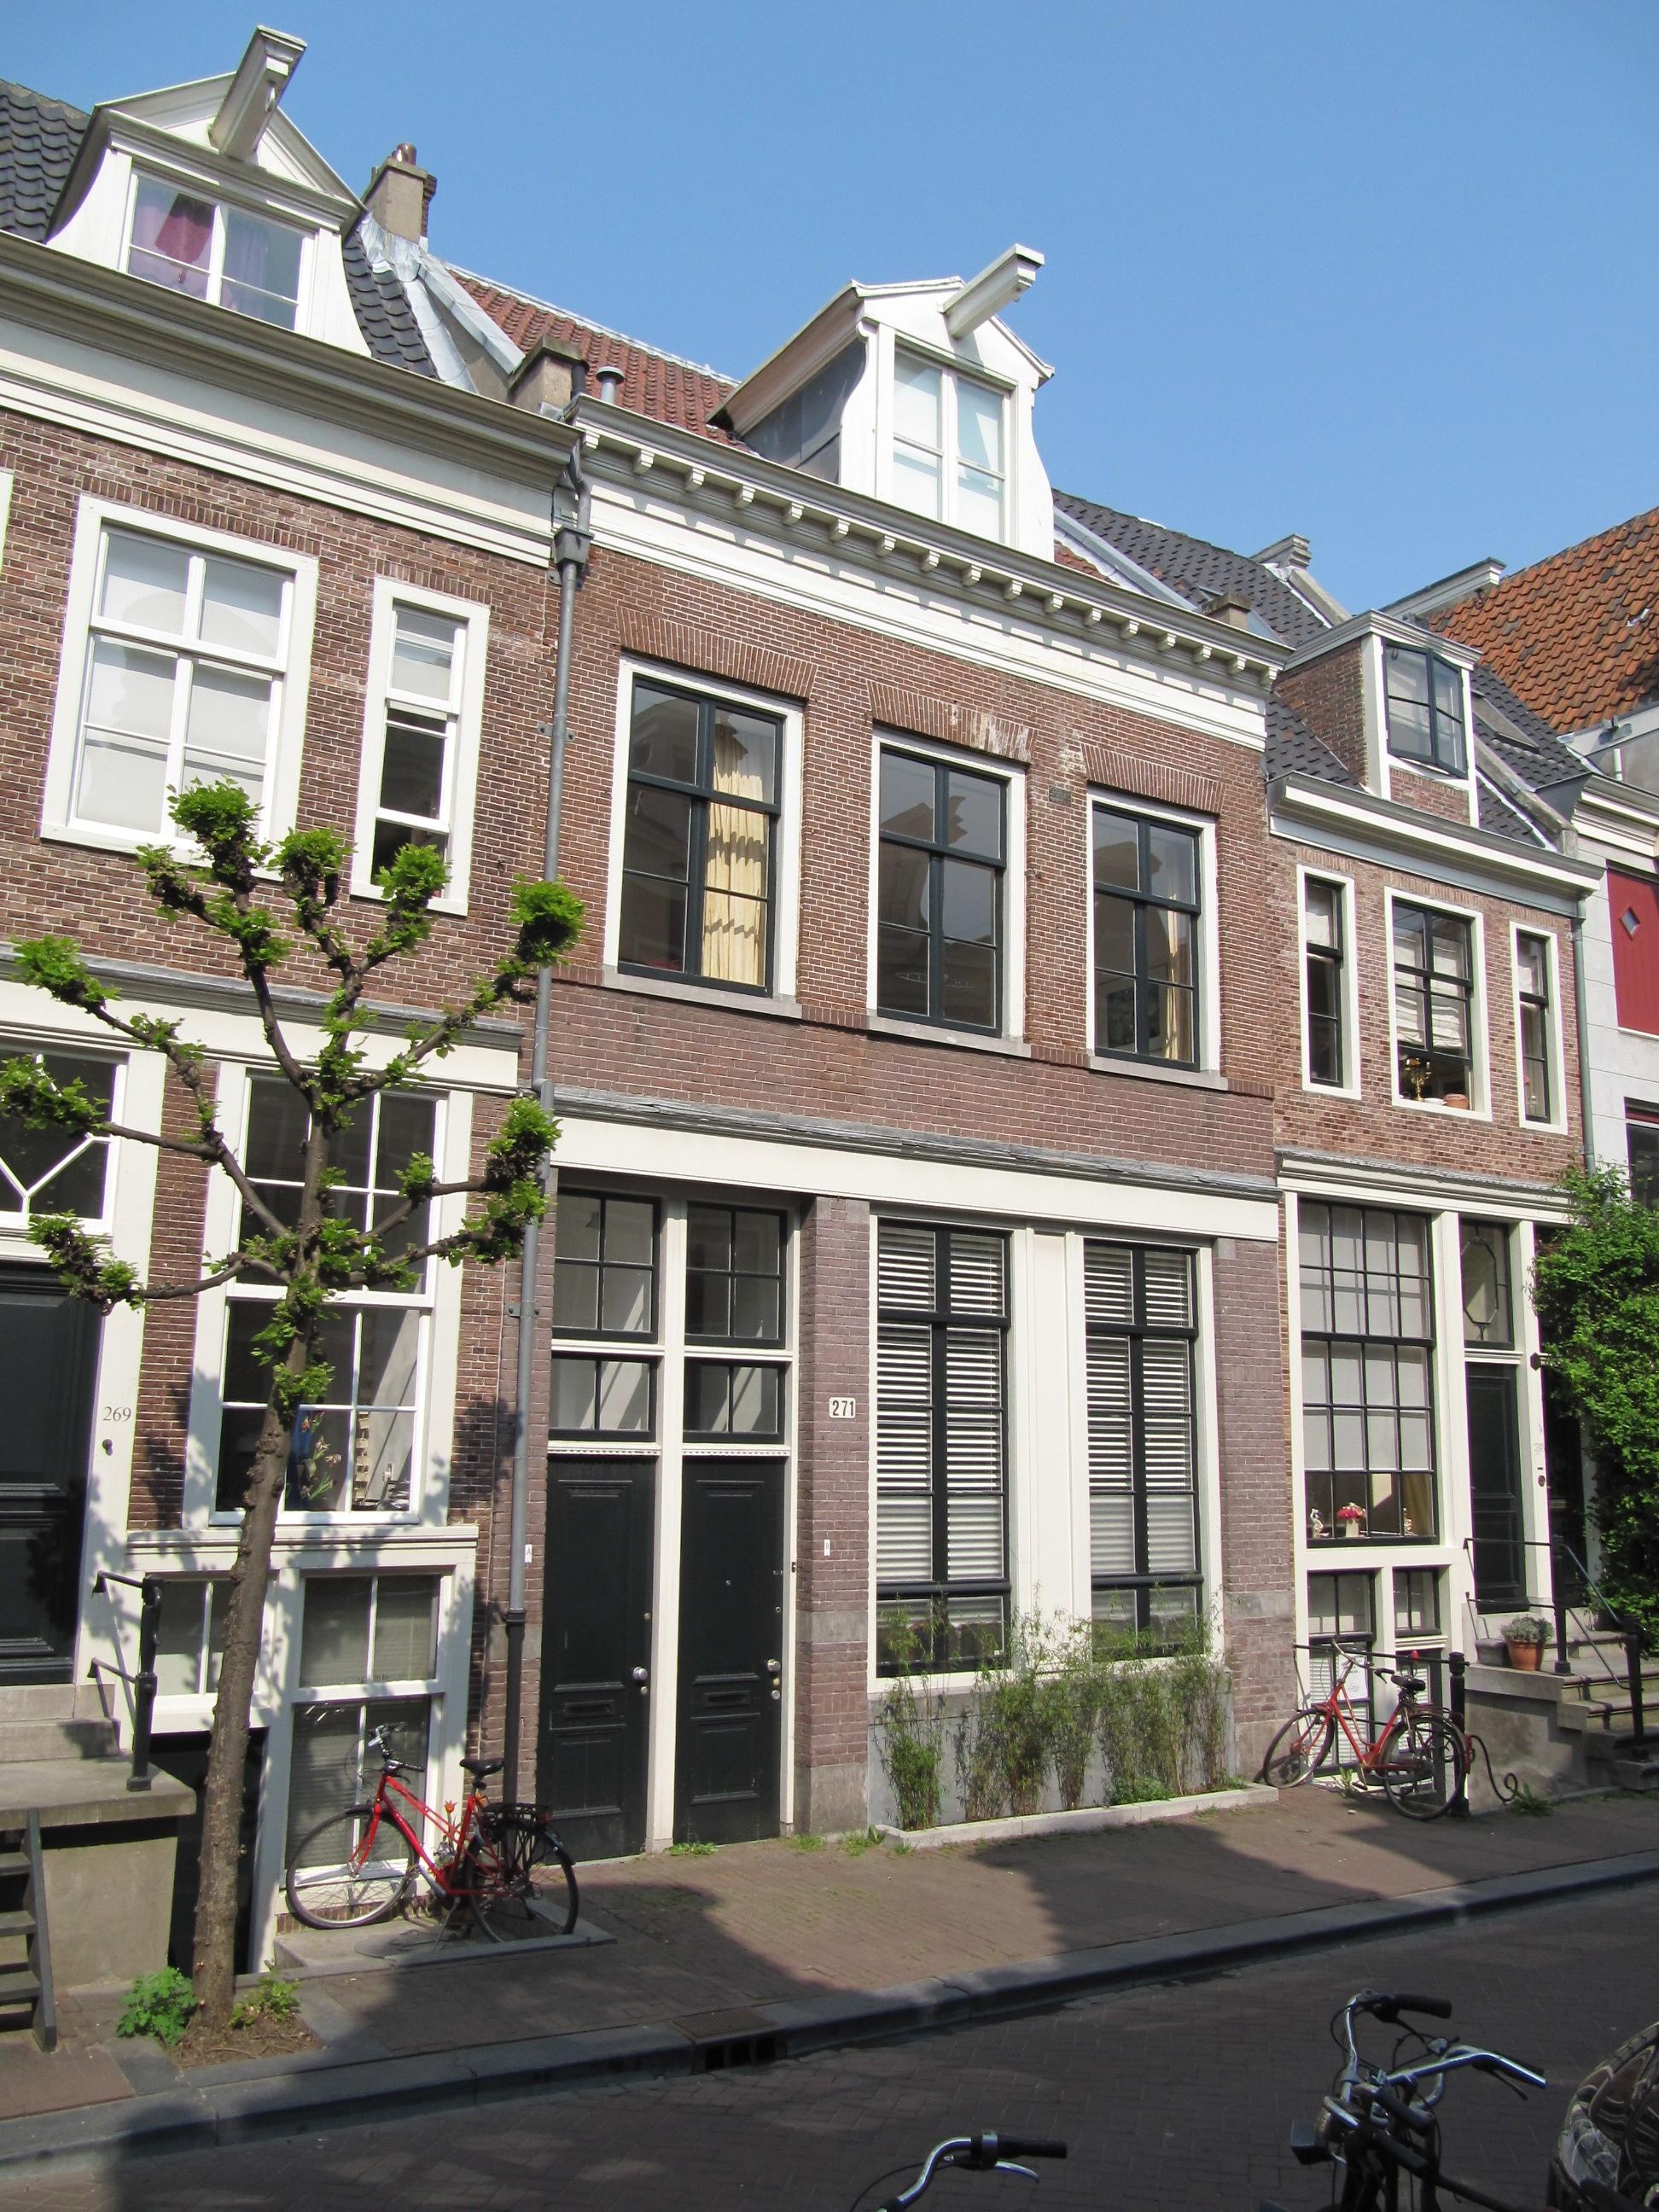 Huis onder dwars dak met gevel onder rechte lijst in for Lijst inrichting huis